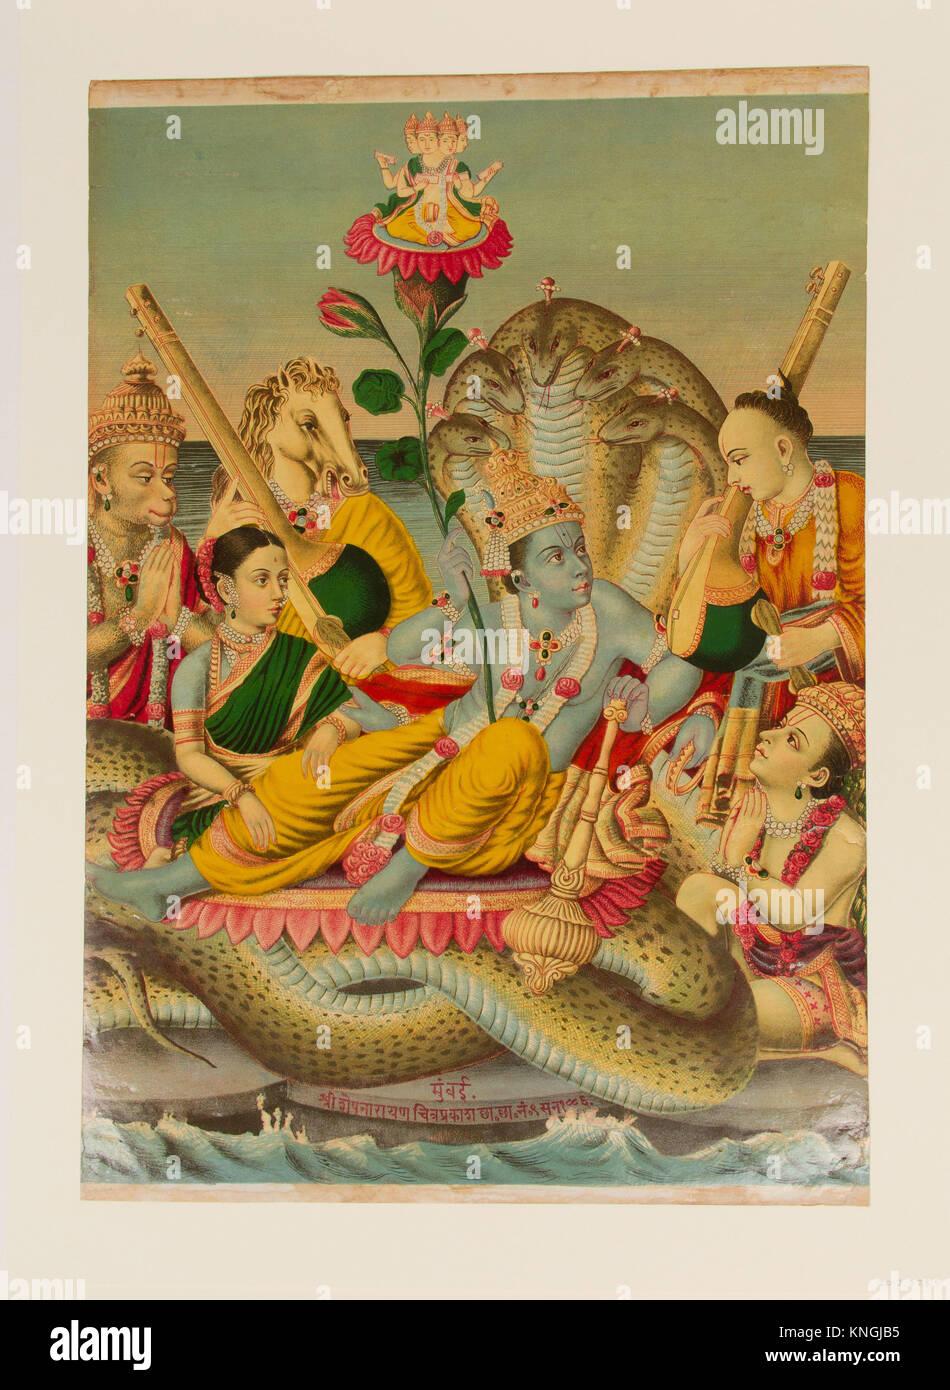 Shri Sheshanarayana, Vishnu Narayana on Shesha. Date: 1886; Culture: India; Medium: Chromolithographic print on - Stock Image